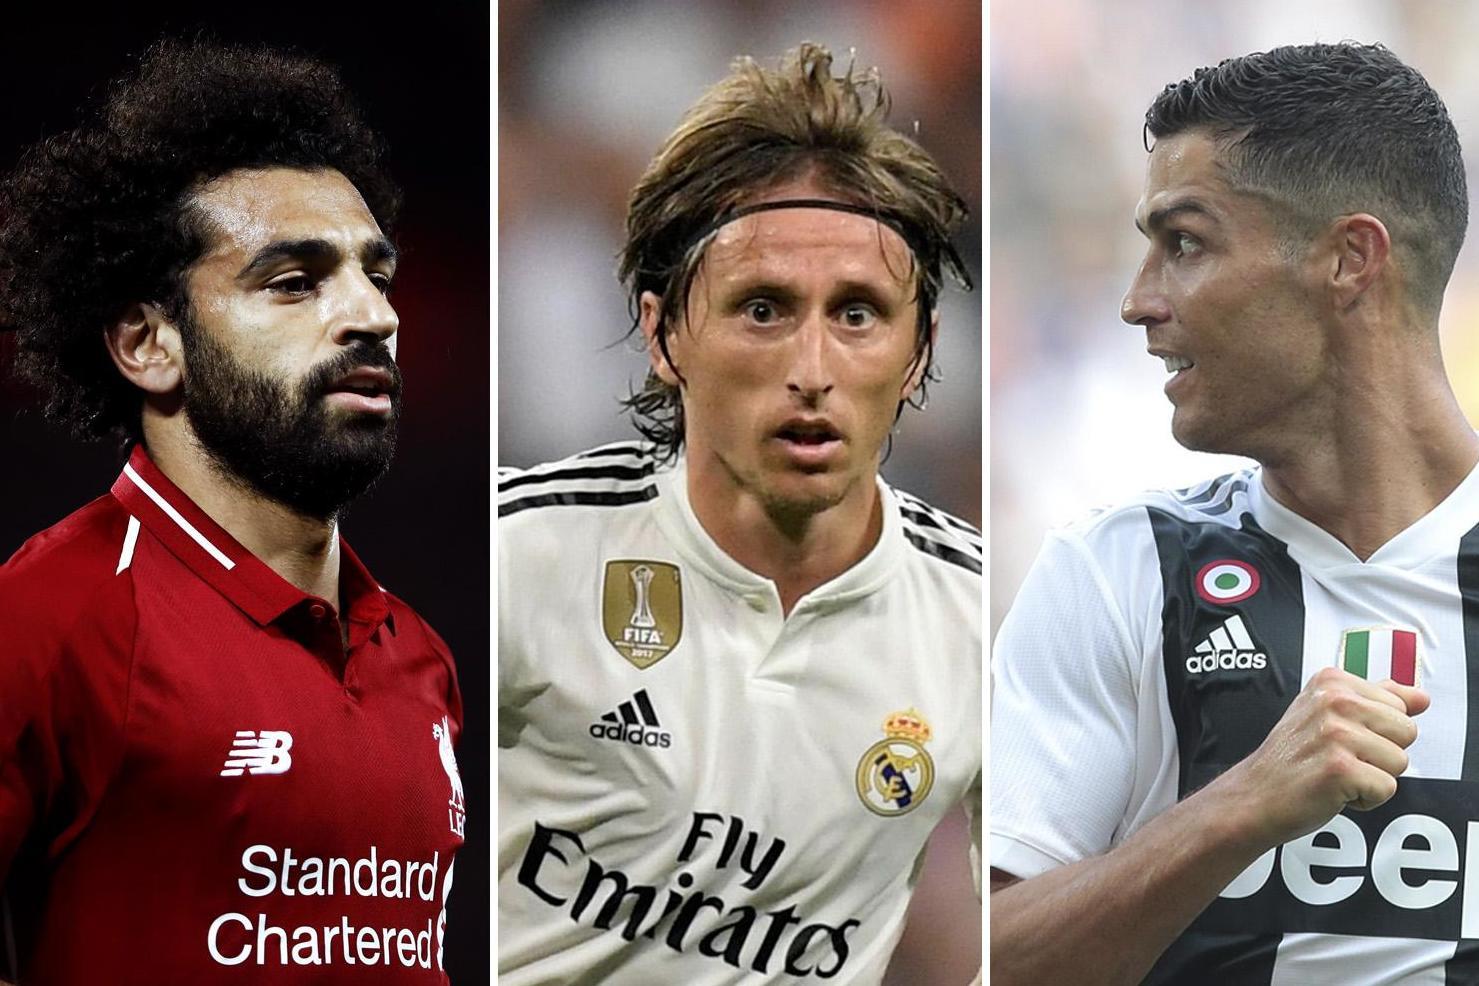 Ini Dia Pilihan Eden Hazard Untuk Pemain Terbaik FIFA